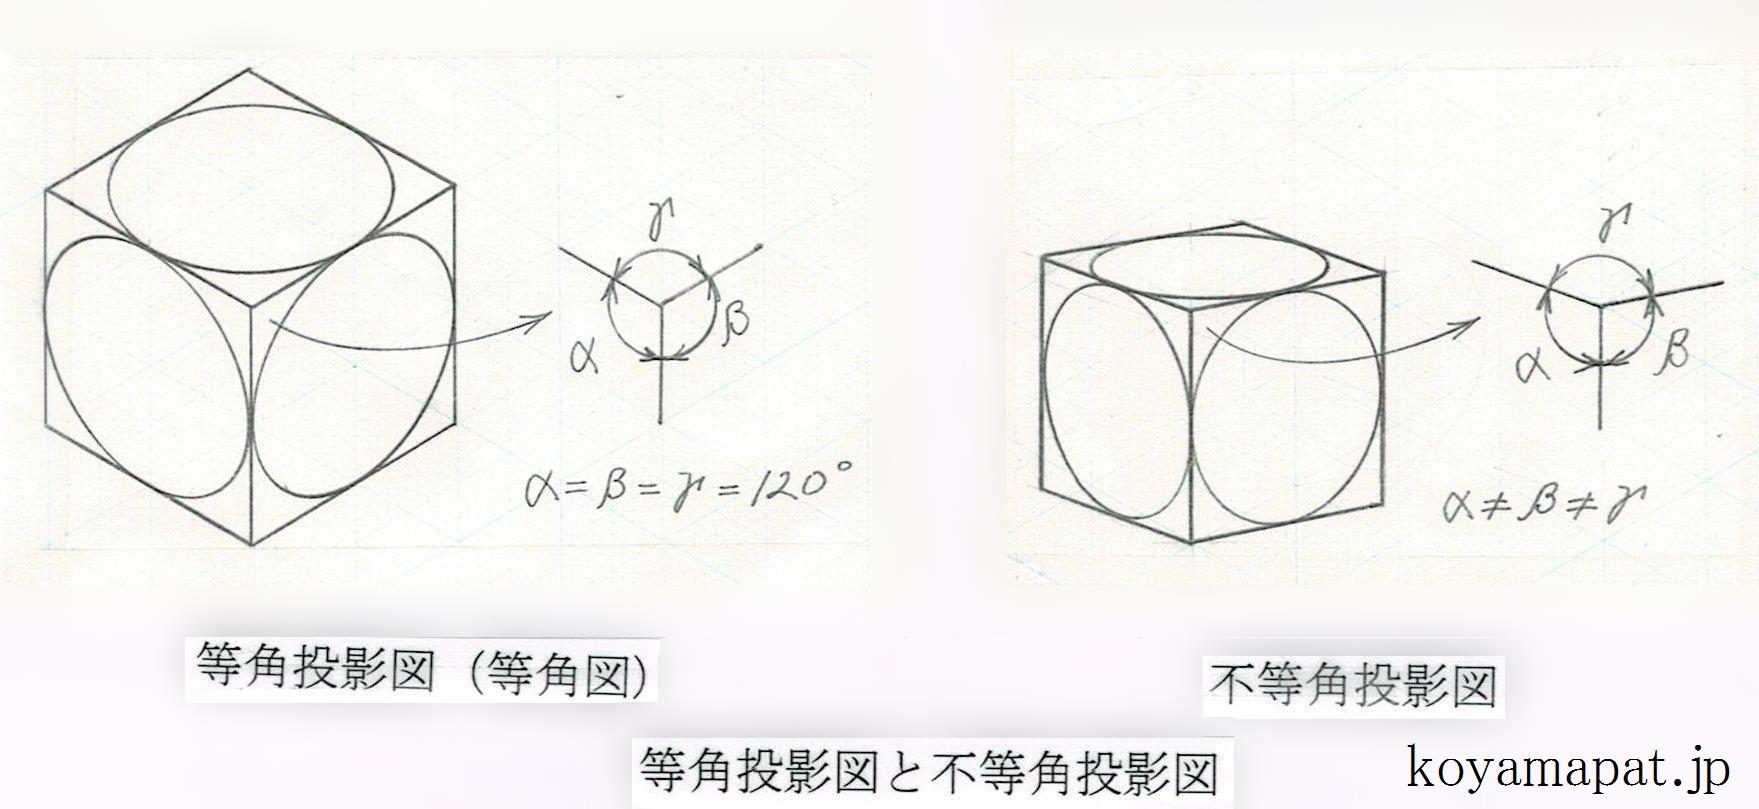 等角投影図(等角図)と不等角投影図(不等角図)